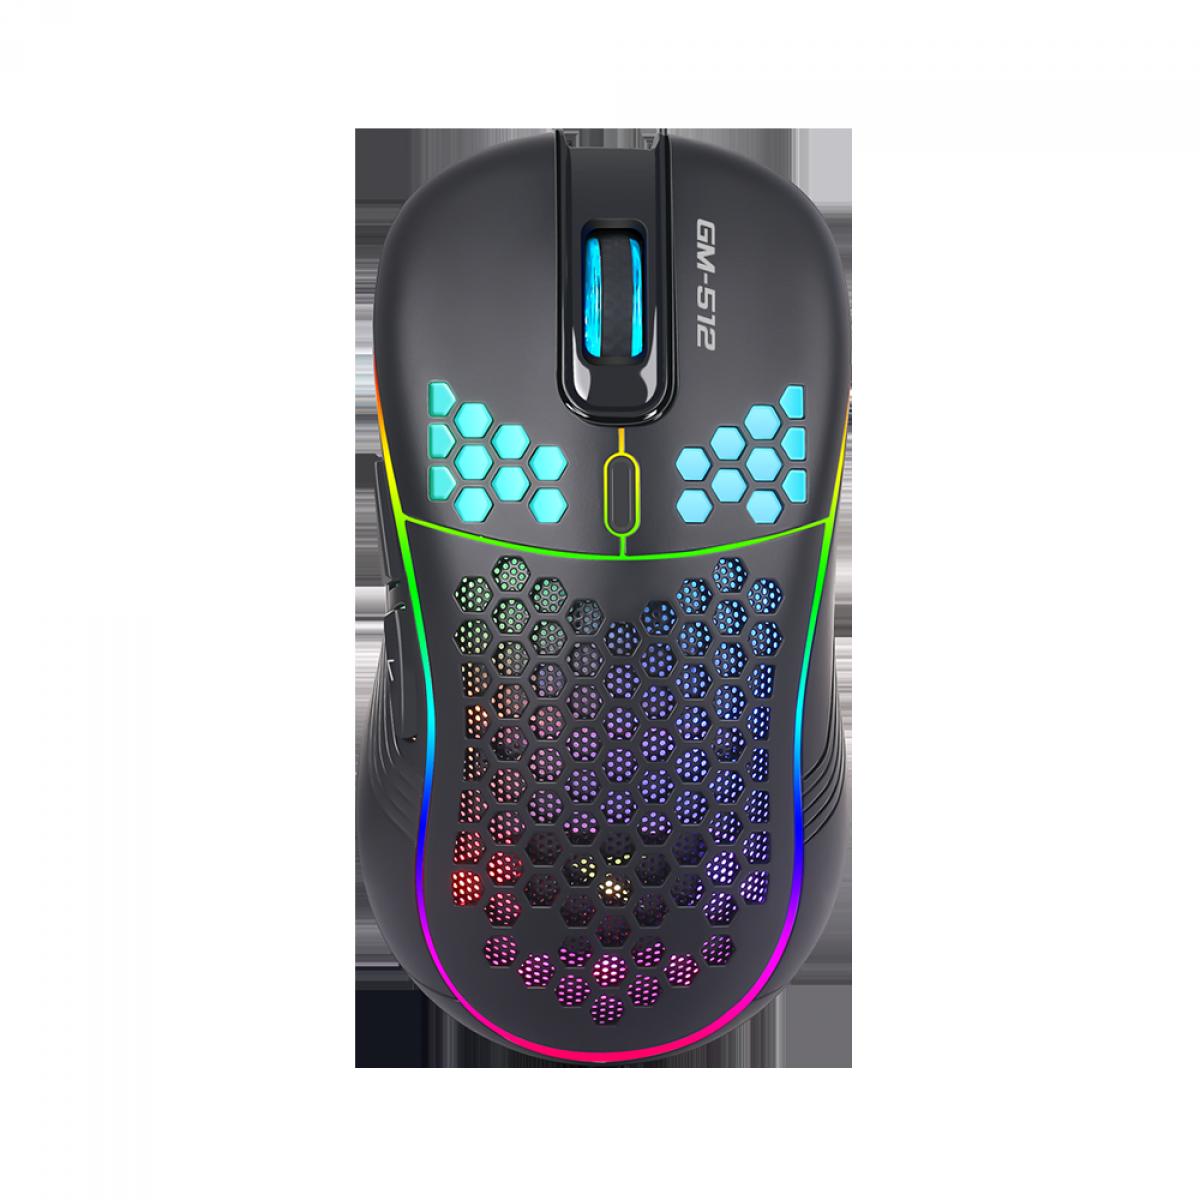 Mouse Gamer Xtrike Me, 6400DPI, 7 Botões, RGB, Black, GM-512